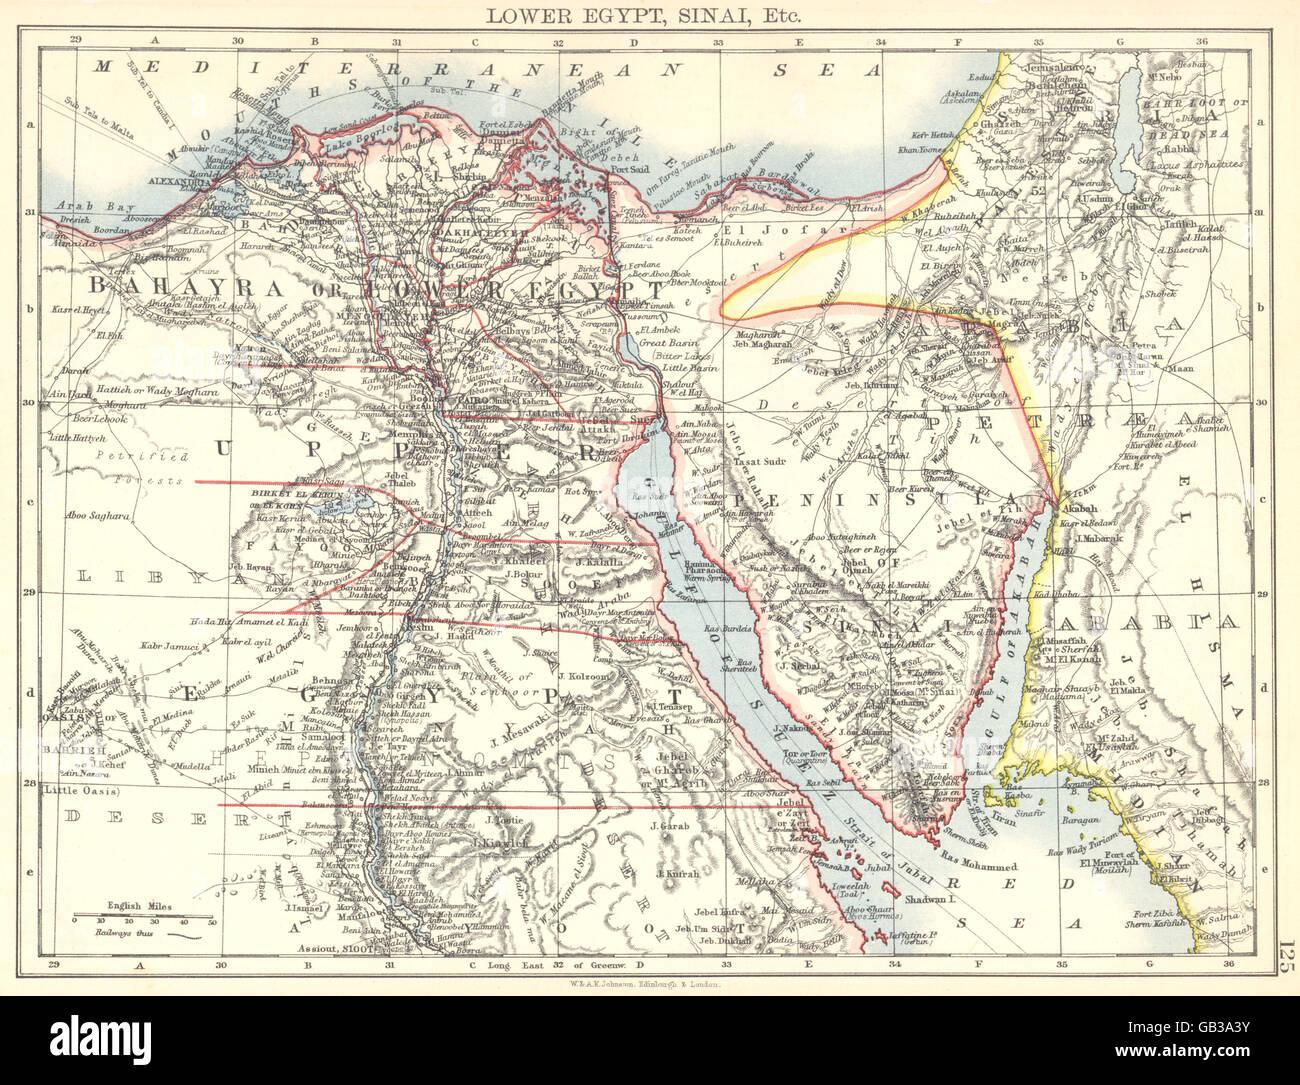 Egypt Lower Egypt Sinai Bahayra Upper Egypt 1897 Antique Map Stock